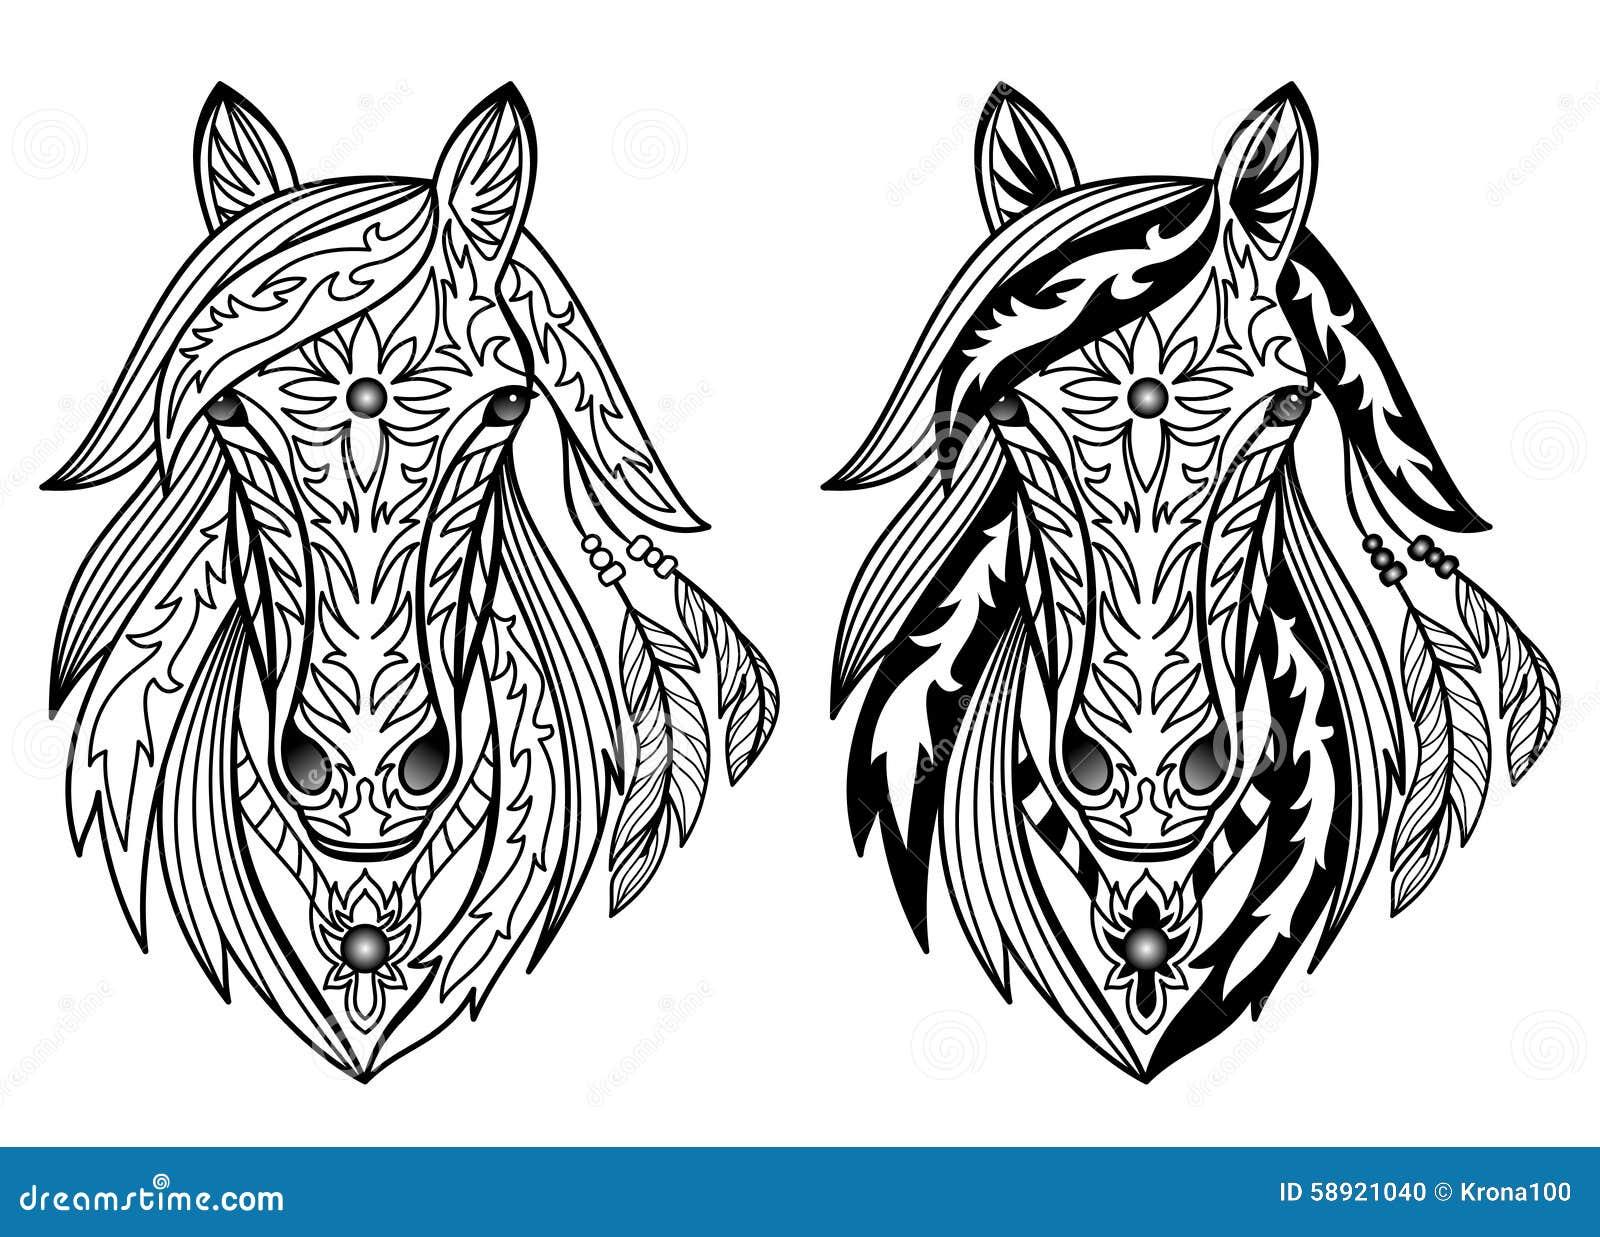 Vector Illustration Web Designs: Ornamental Horses Stock Vector. Illustration Of Symbol